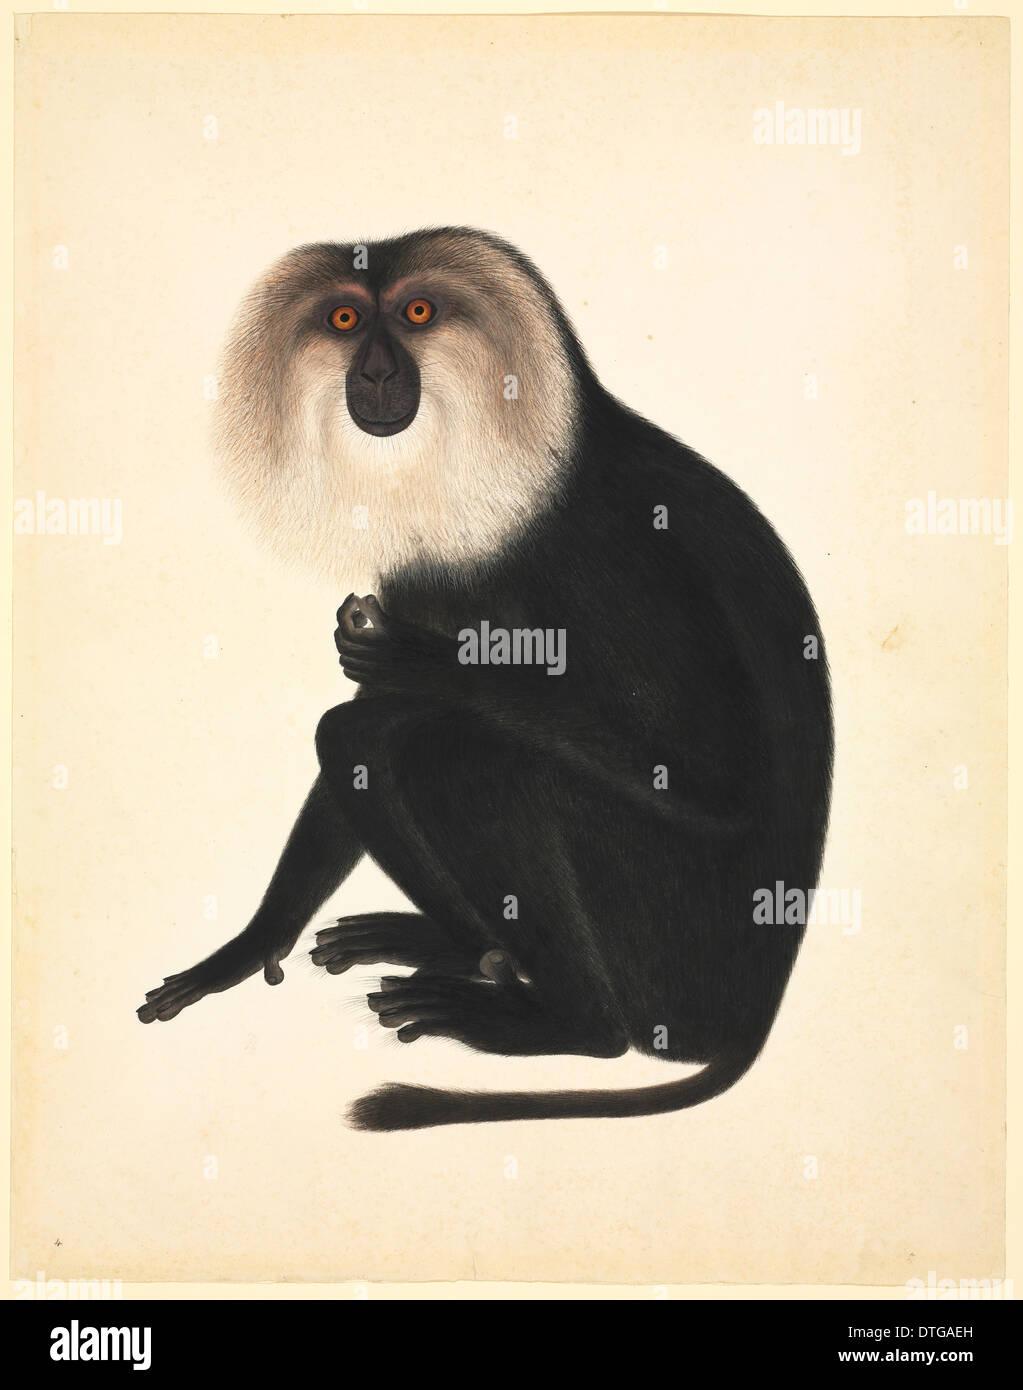 Löwe-behaarte Makaken, Macaca Silenus c. 1820: John Reeves Collection (Zoologie) Stockfoto